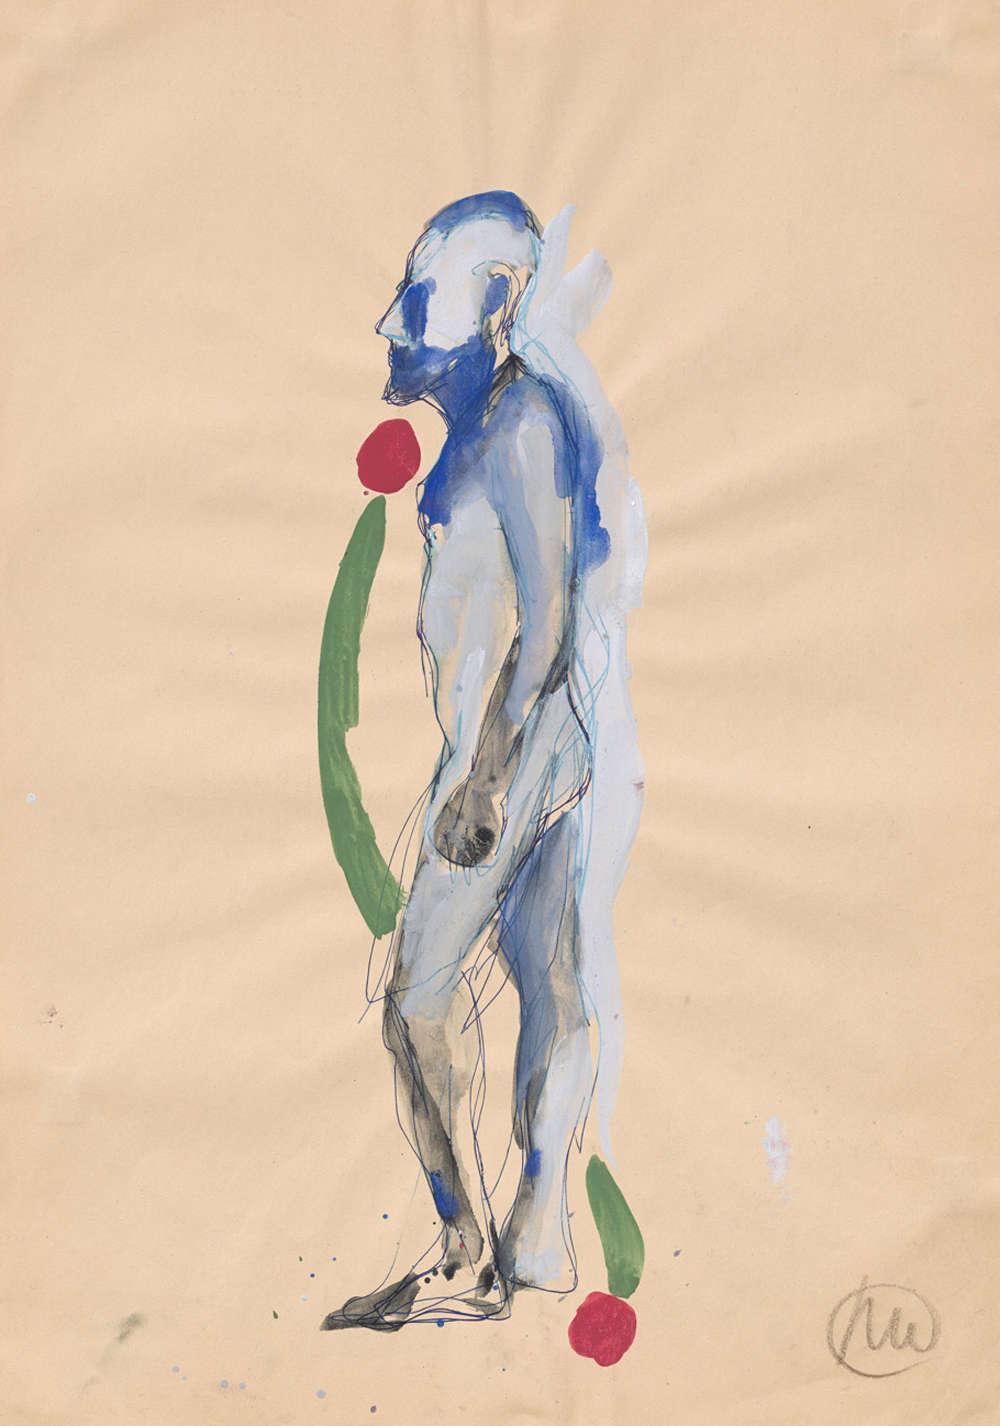 Markus Lüpertz, Untitled (Standbein - Spielbein) (Untitled [Standing leg – Free leg]), 1983 - 1985. Ballpoint pen, gouache on paper  24 x 17 inches 61 x 43 cm